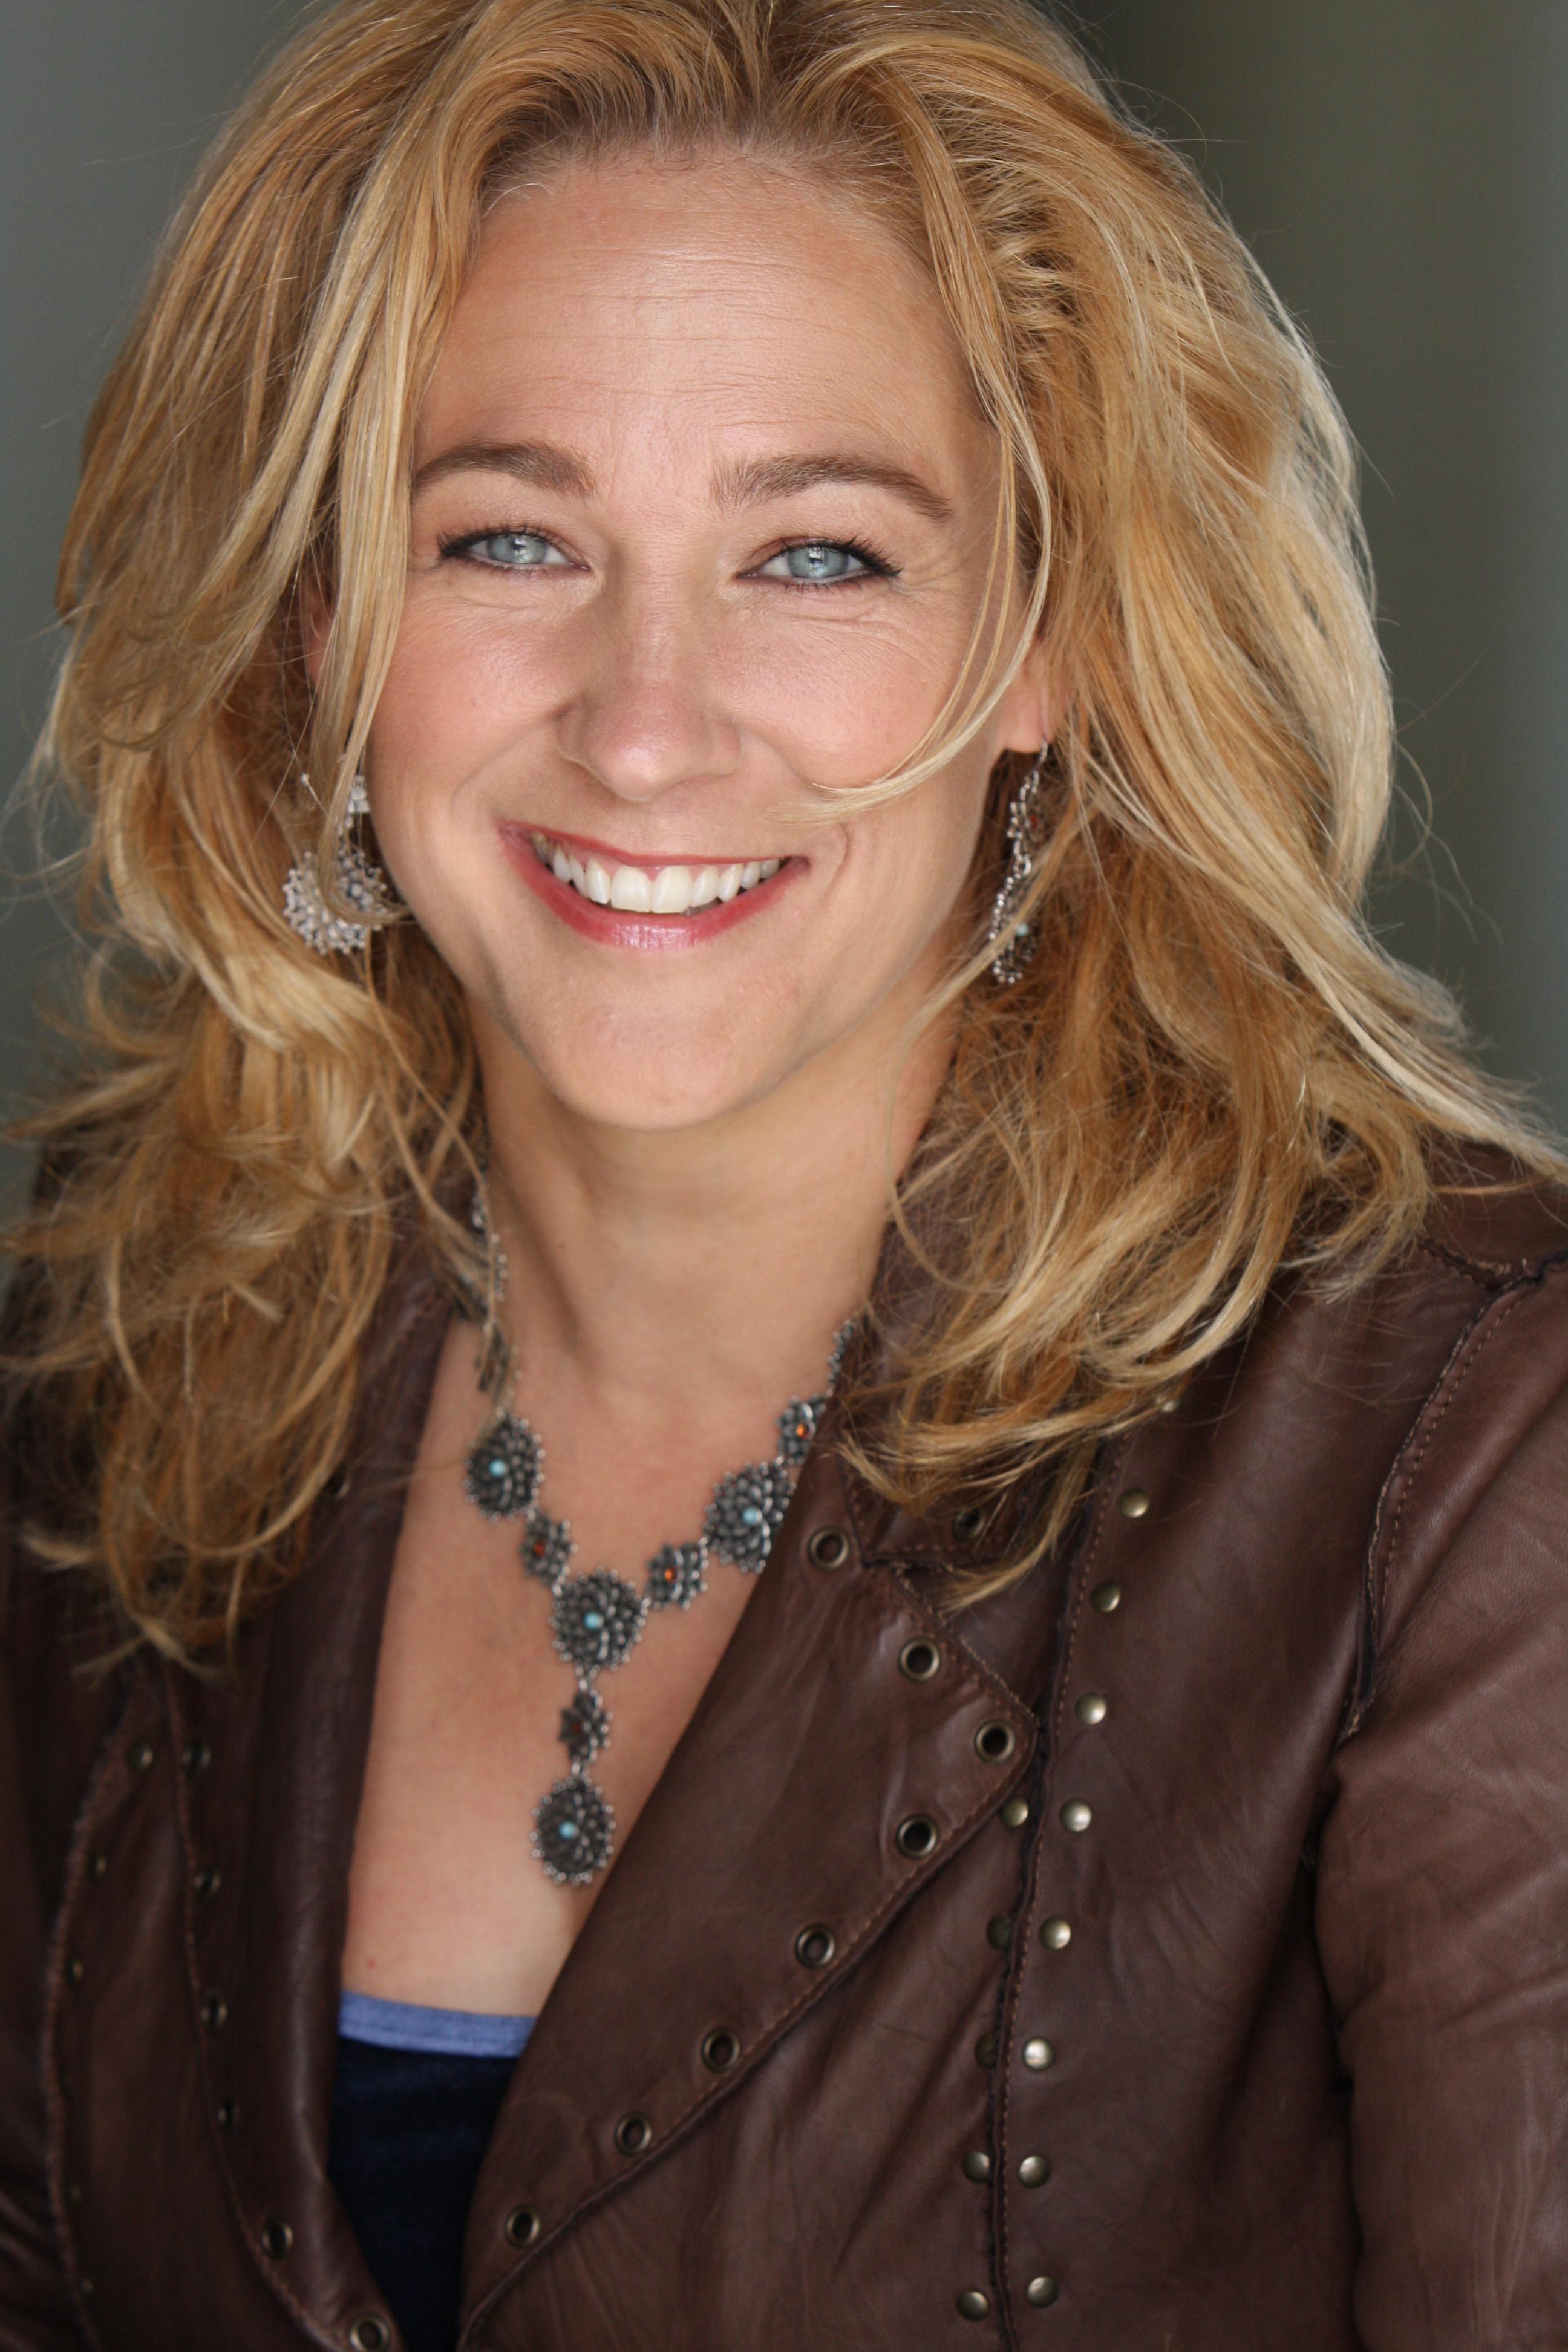 pics Susan Johnson (actress)